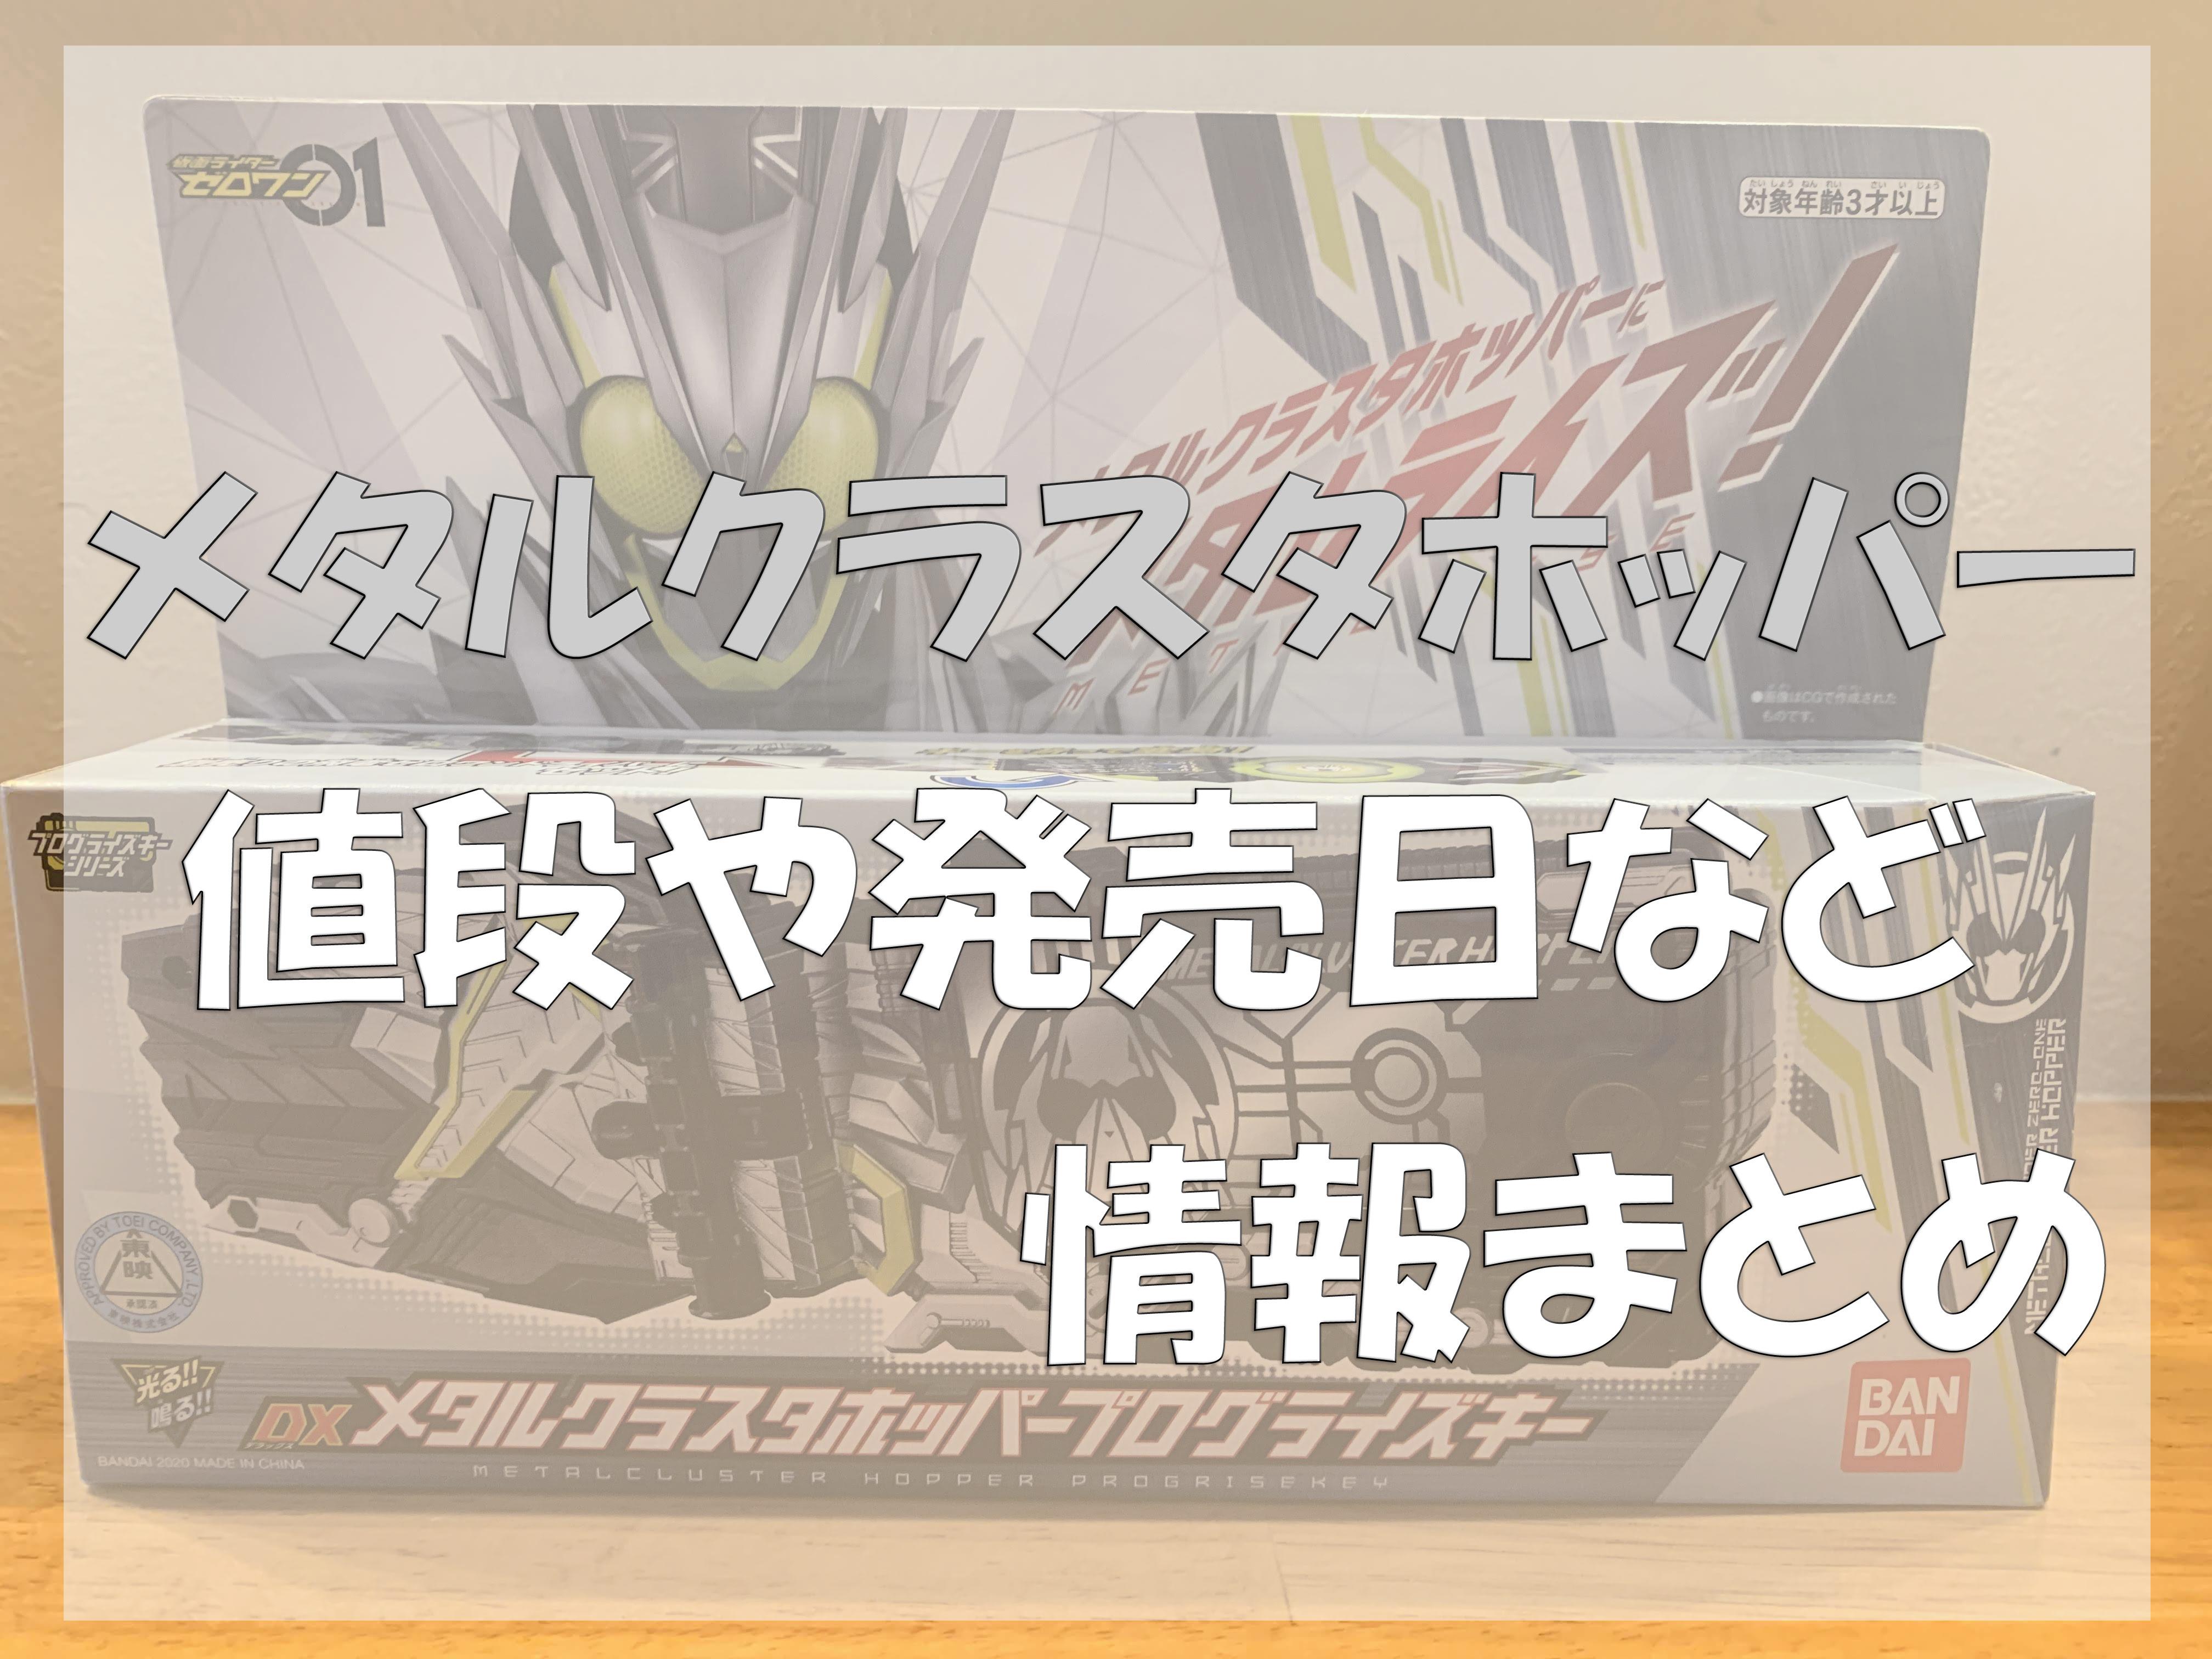 ゼロワン:メタルクラスタホッパー発売日・価格・雑誌での情報は?購入してみた!